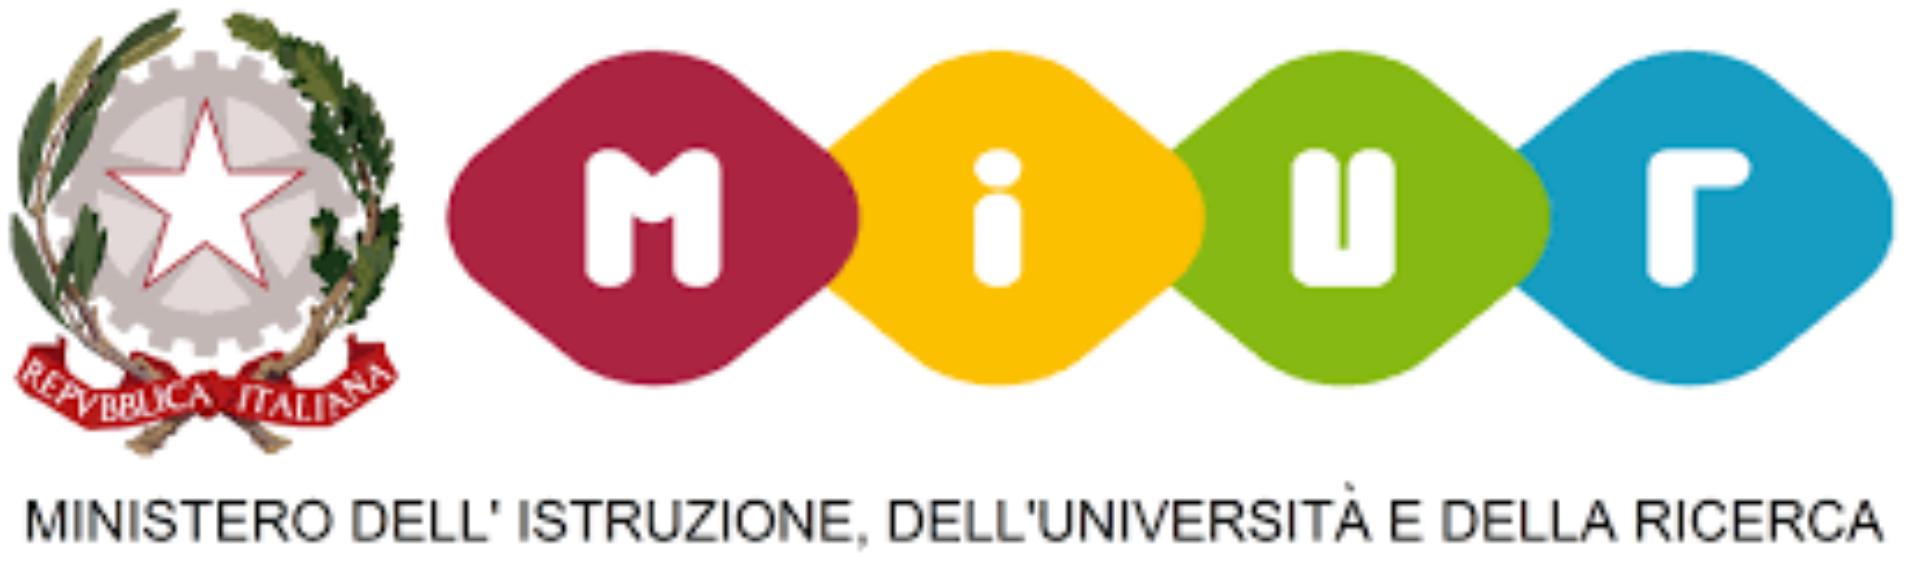 Lettera del Ministro dell'Istruzione Lucia Azzo...